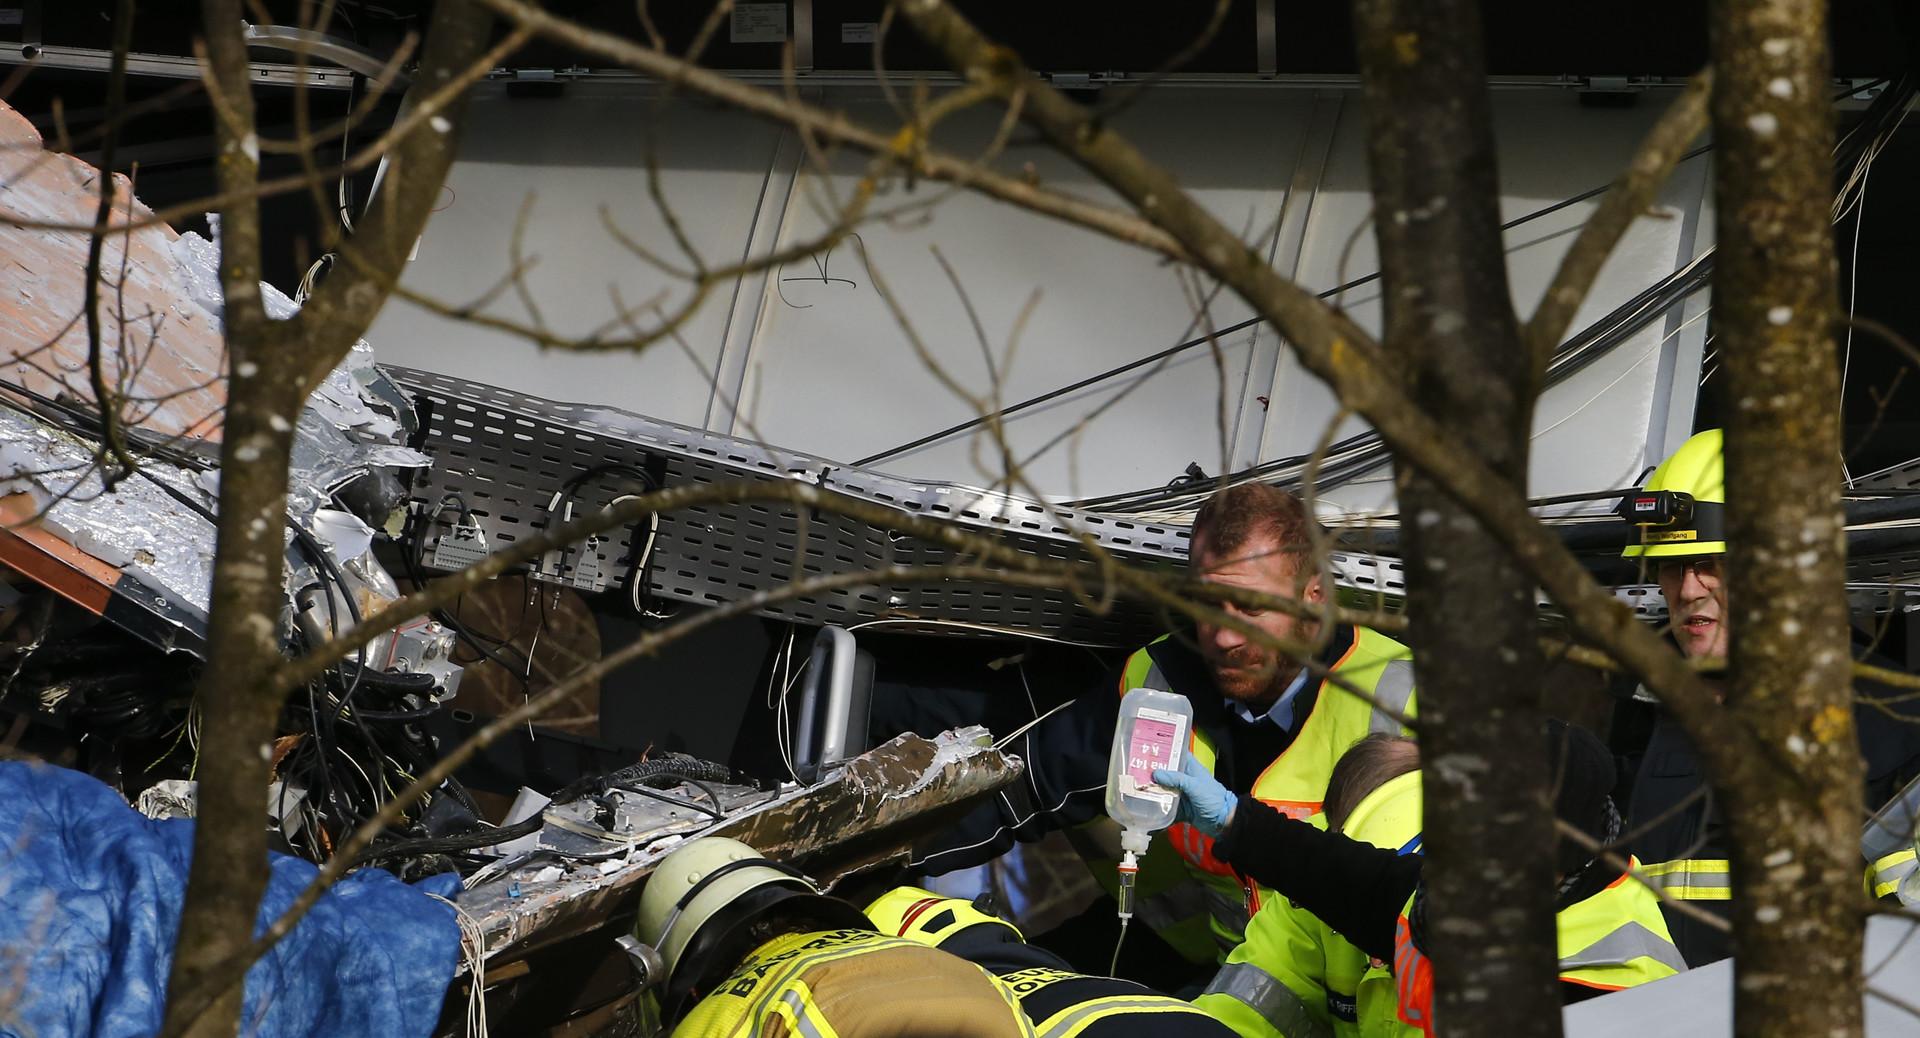 Versorgung der Verletzten durch die Rettungskräfte